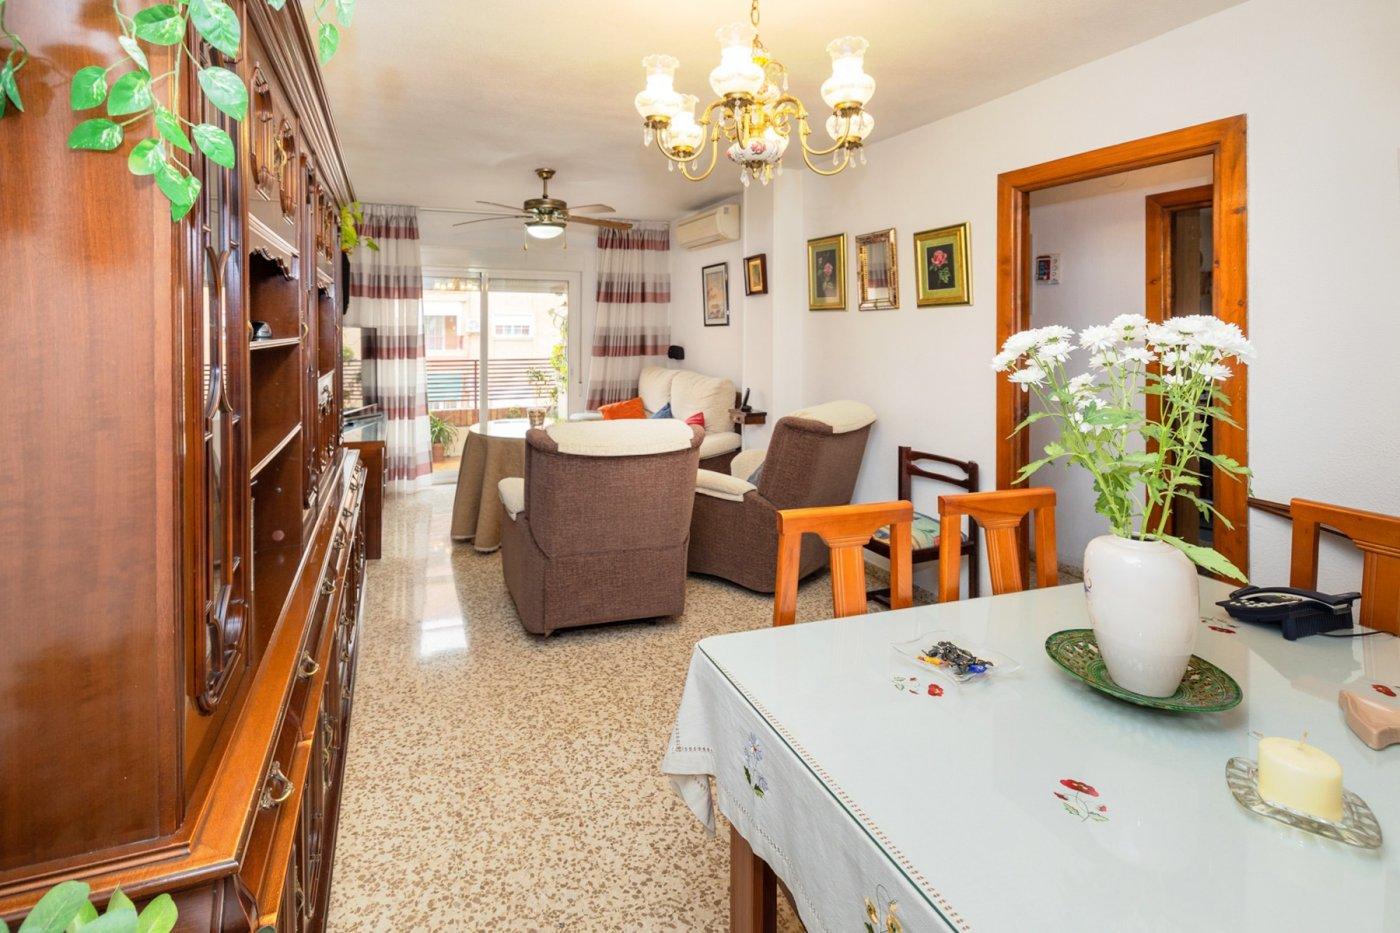 Piso con 4 dormitorios exteriores, cocina independiente, balcón y ascensor.